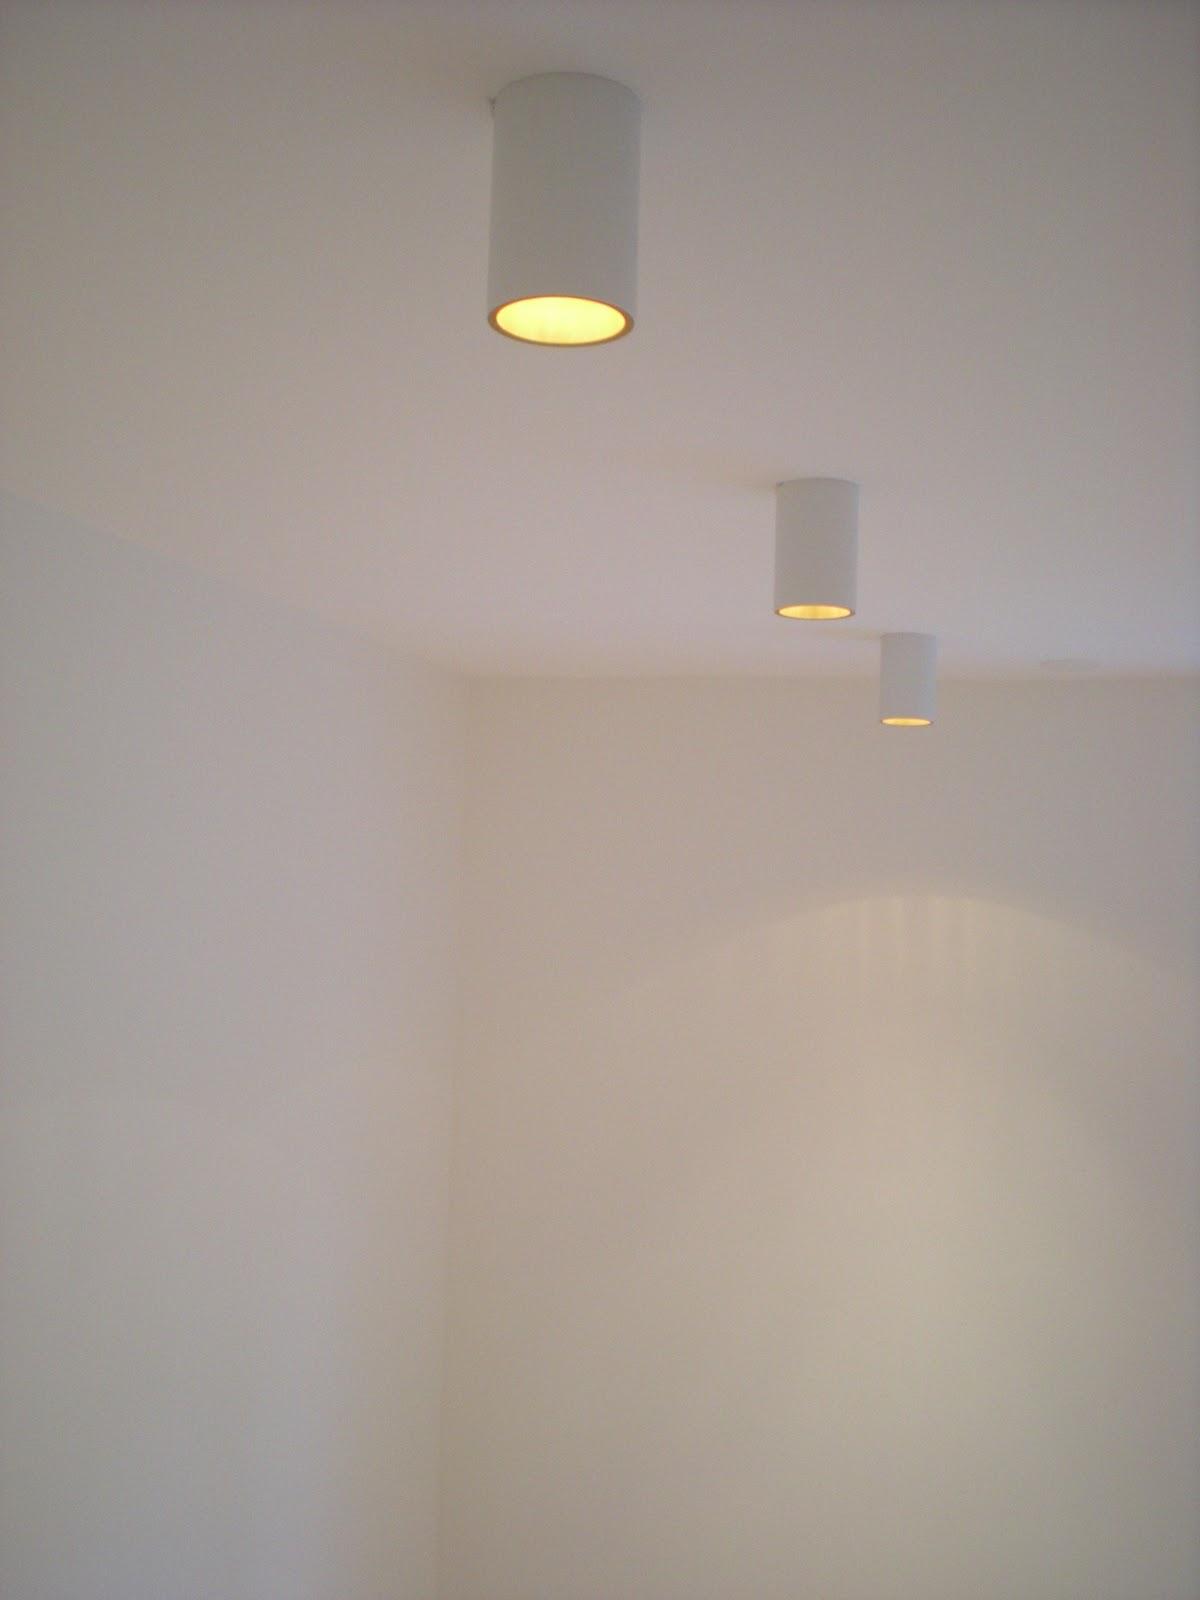 Bb19 renovering: el: brytare/dimmers, uttag, belysning (nästan) på ...